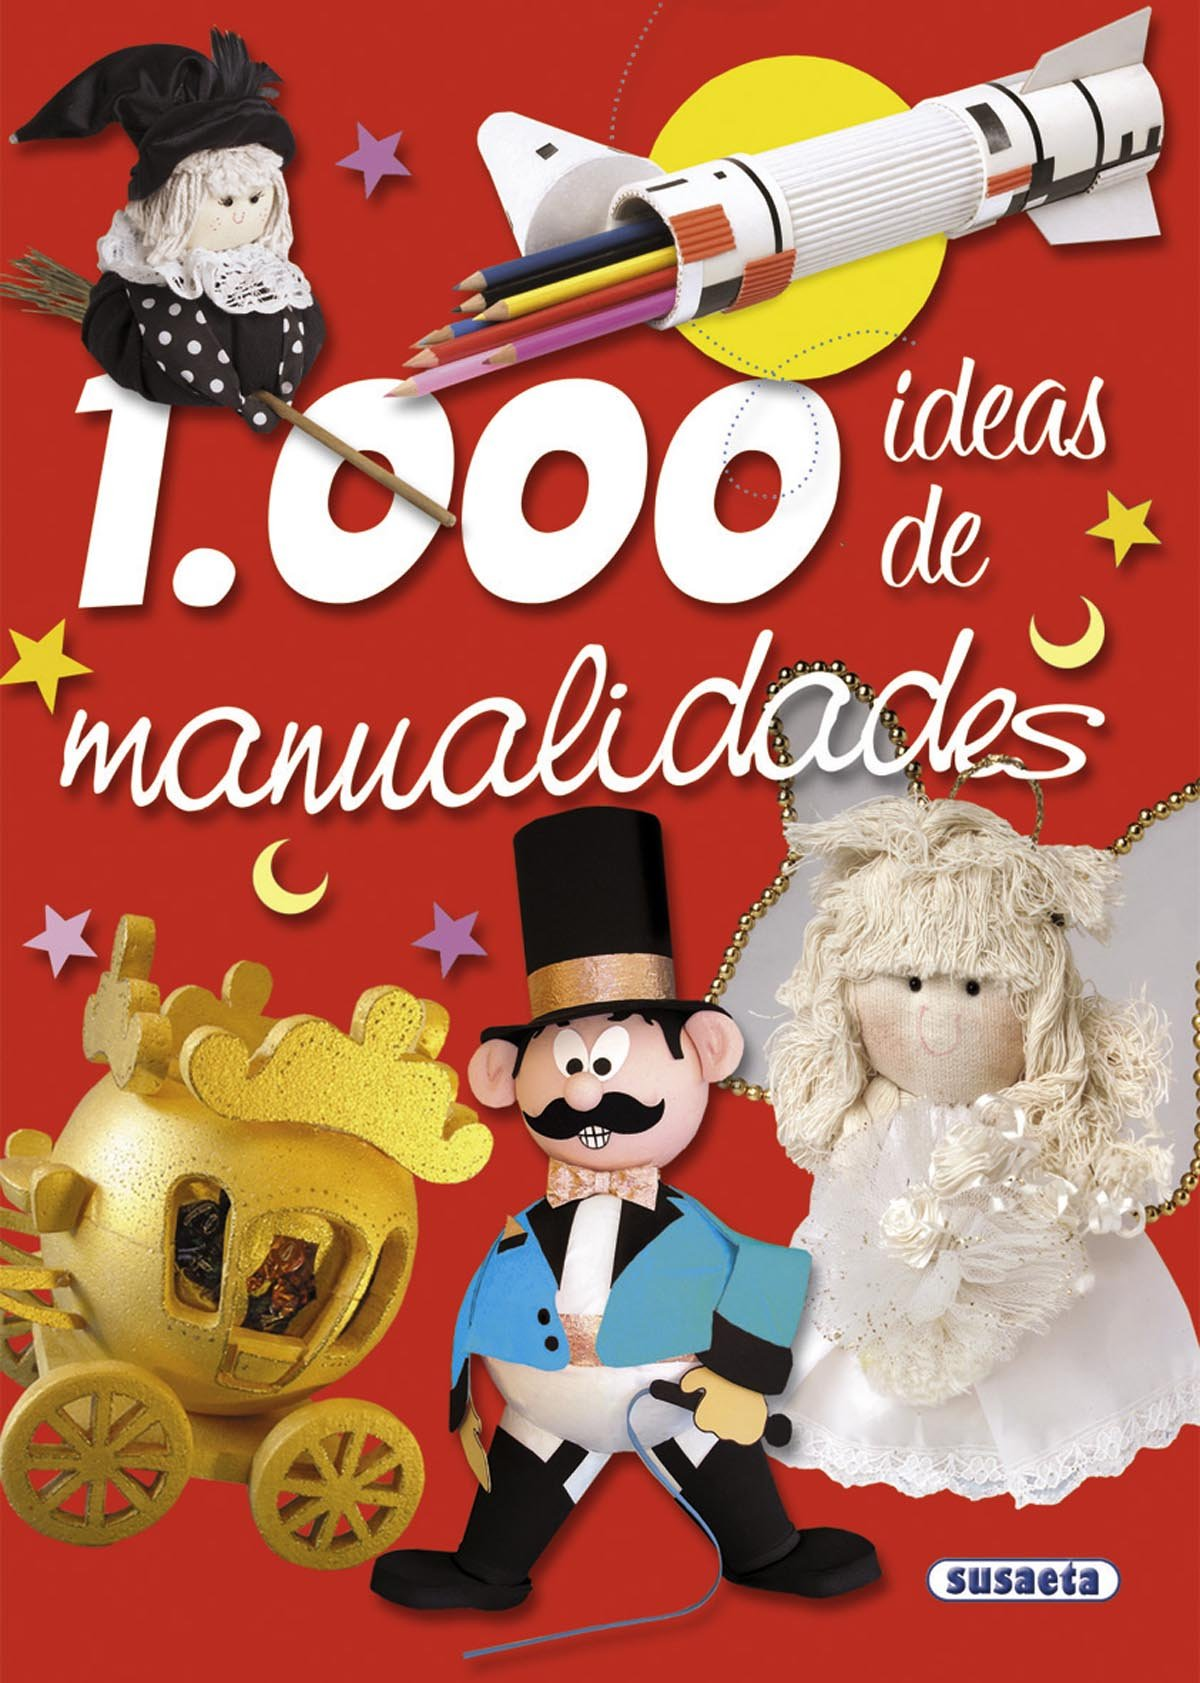 1.000 ideas de manualidades: Amazon.es: Equipo Susaeta: Libros